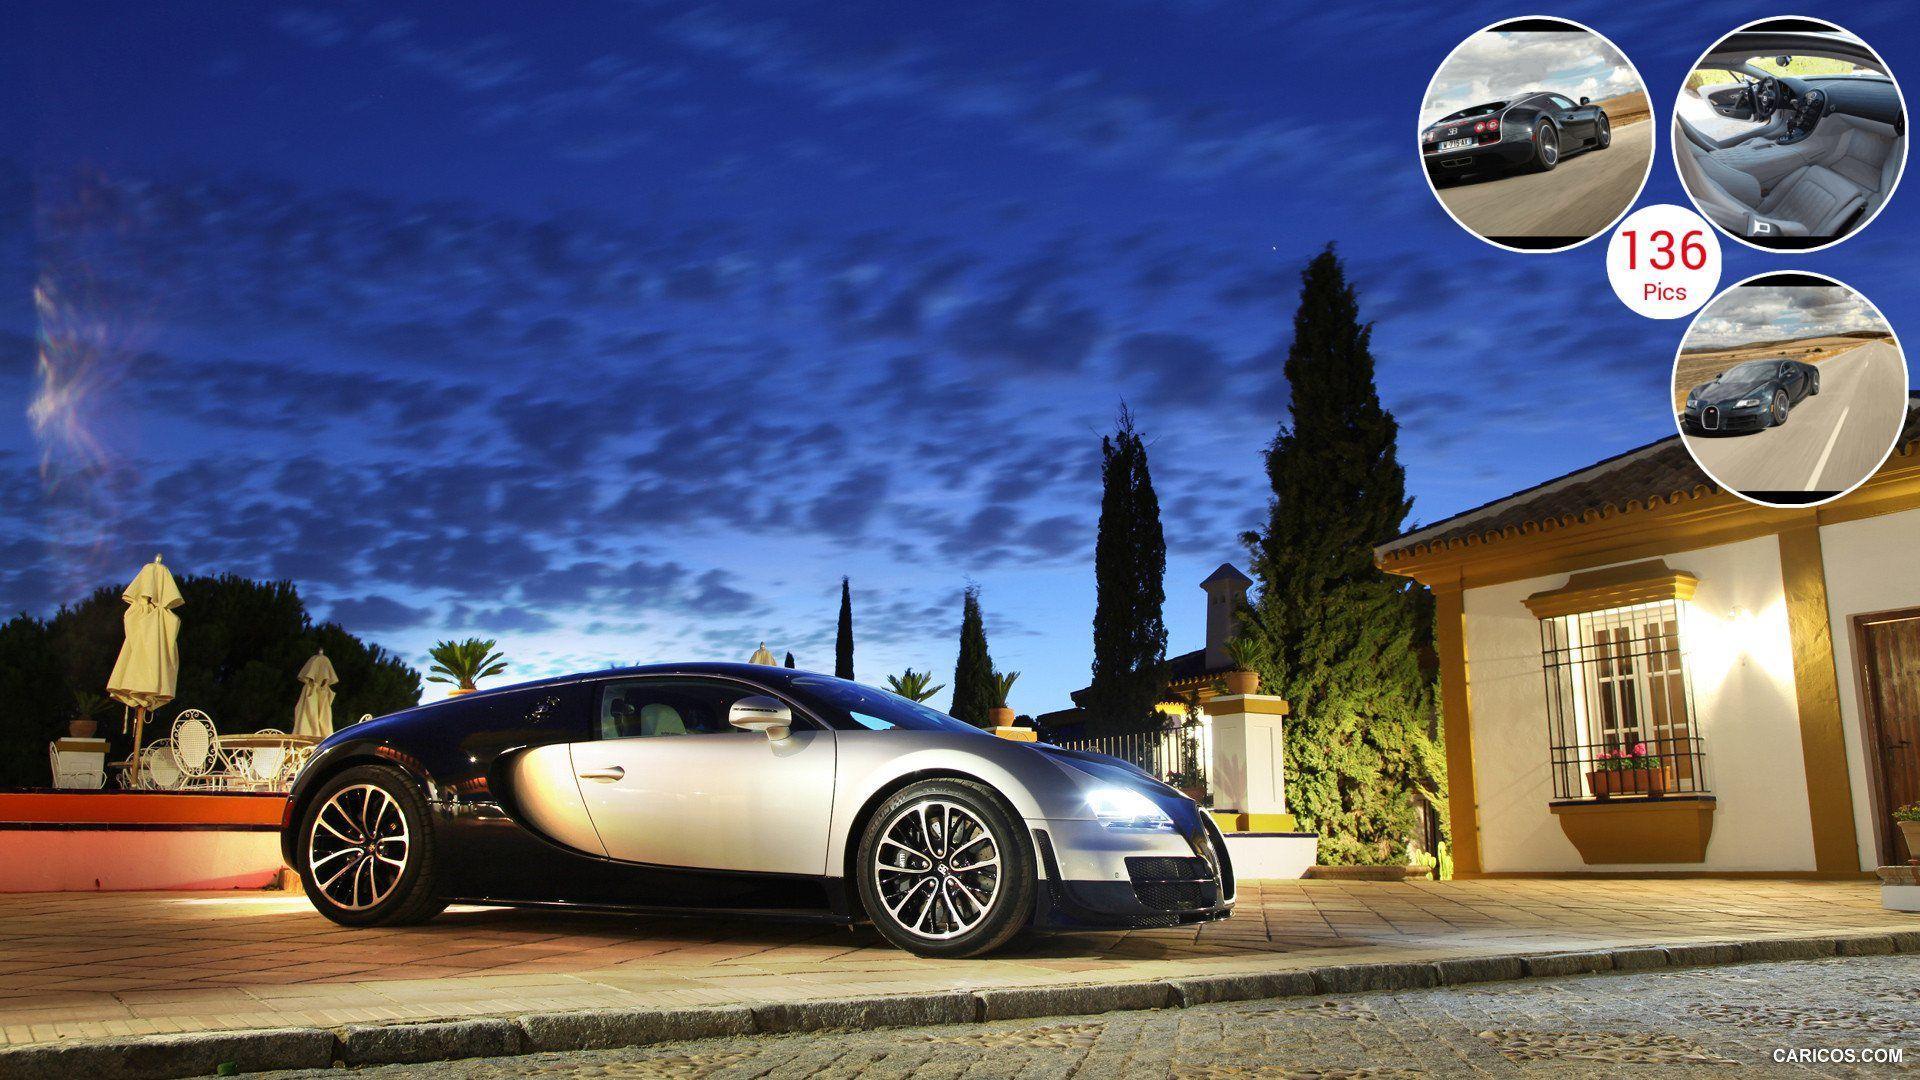 Bugatti Veyron Super Sport Full Hd Wallpaper: Blue Bugatti Veyron Wallpapers